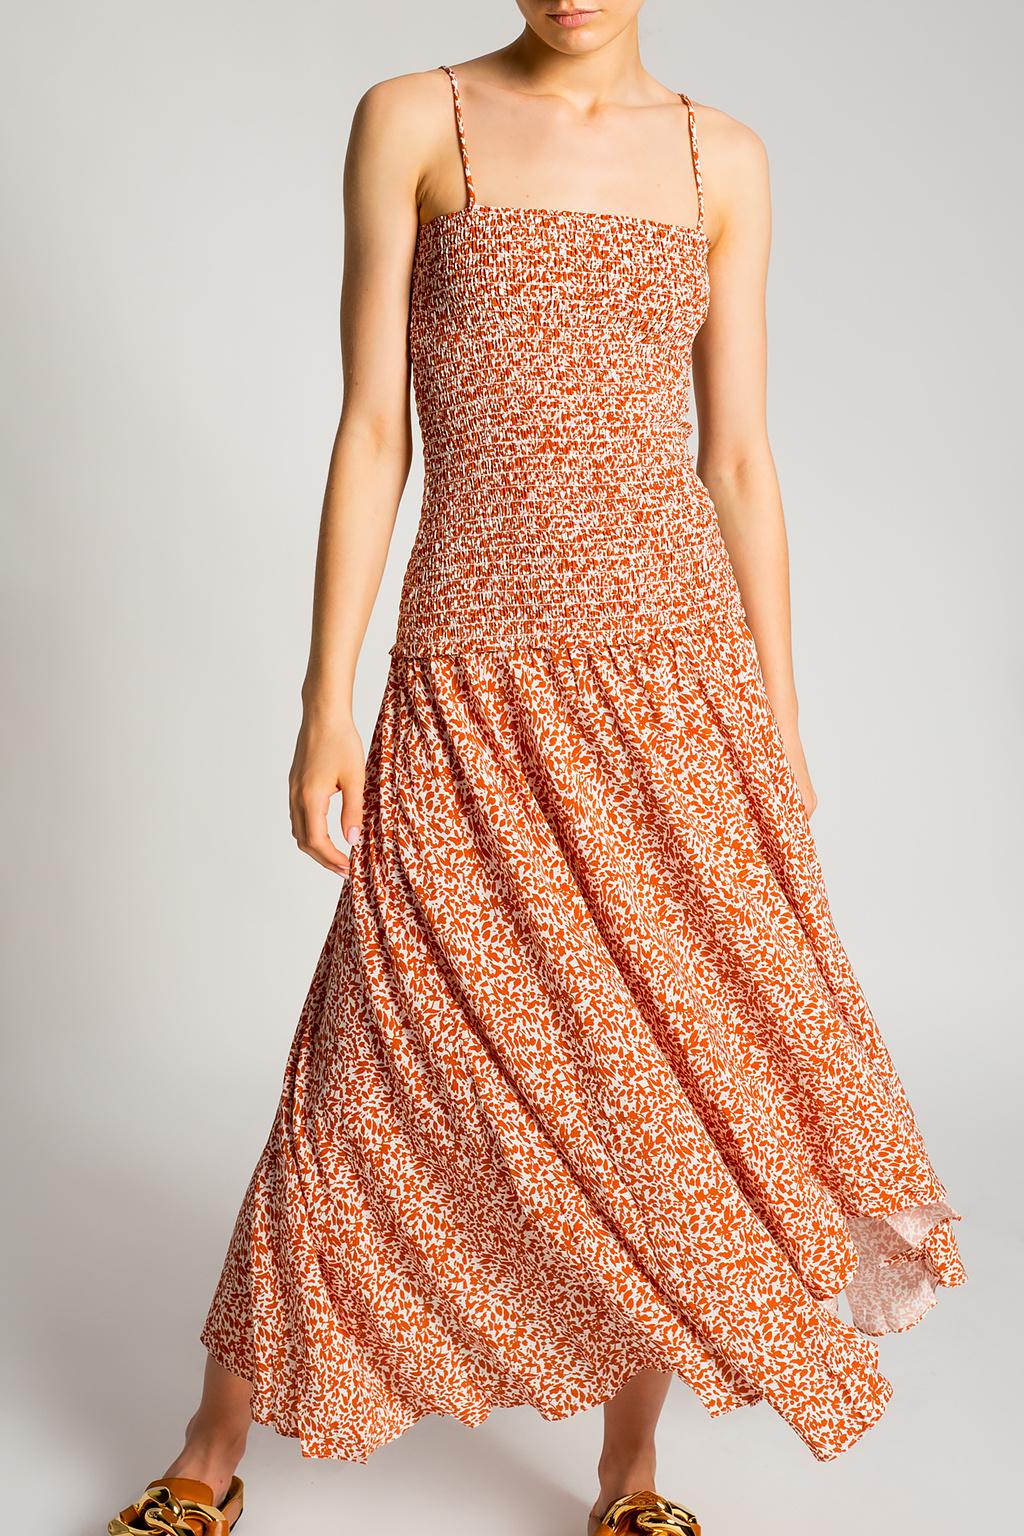 Proenza Schouler White Label Asymmetrical slip dress